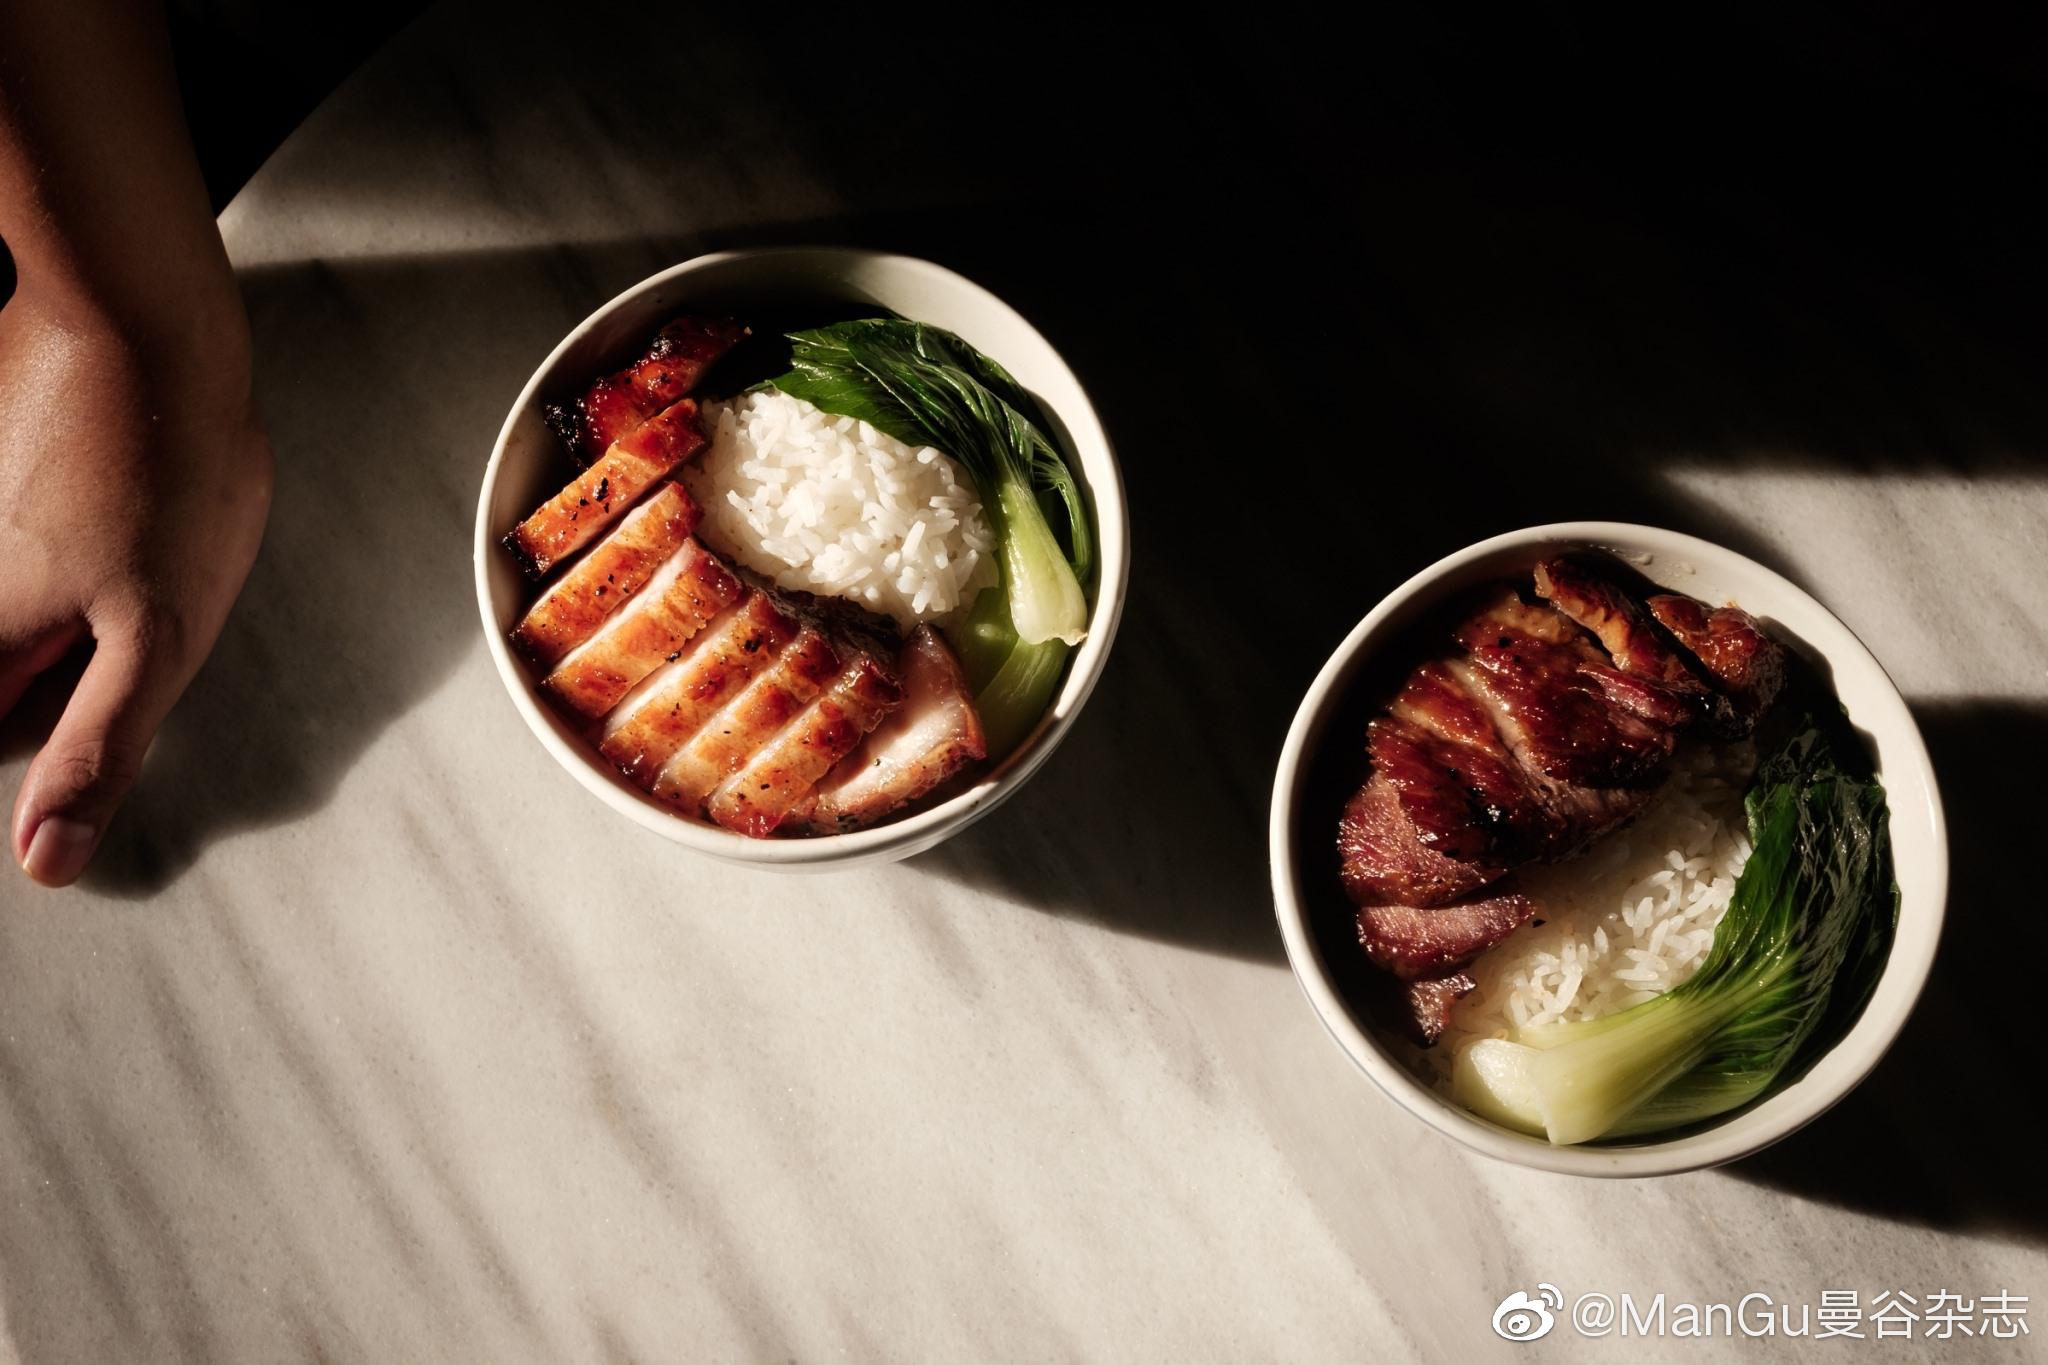 今天曼谷杂志要带大家去一家名叫Kwongcharsiu的餐厅